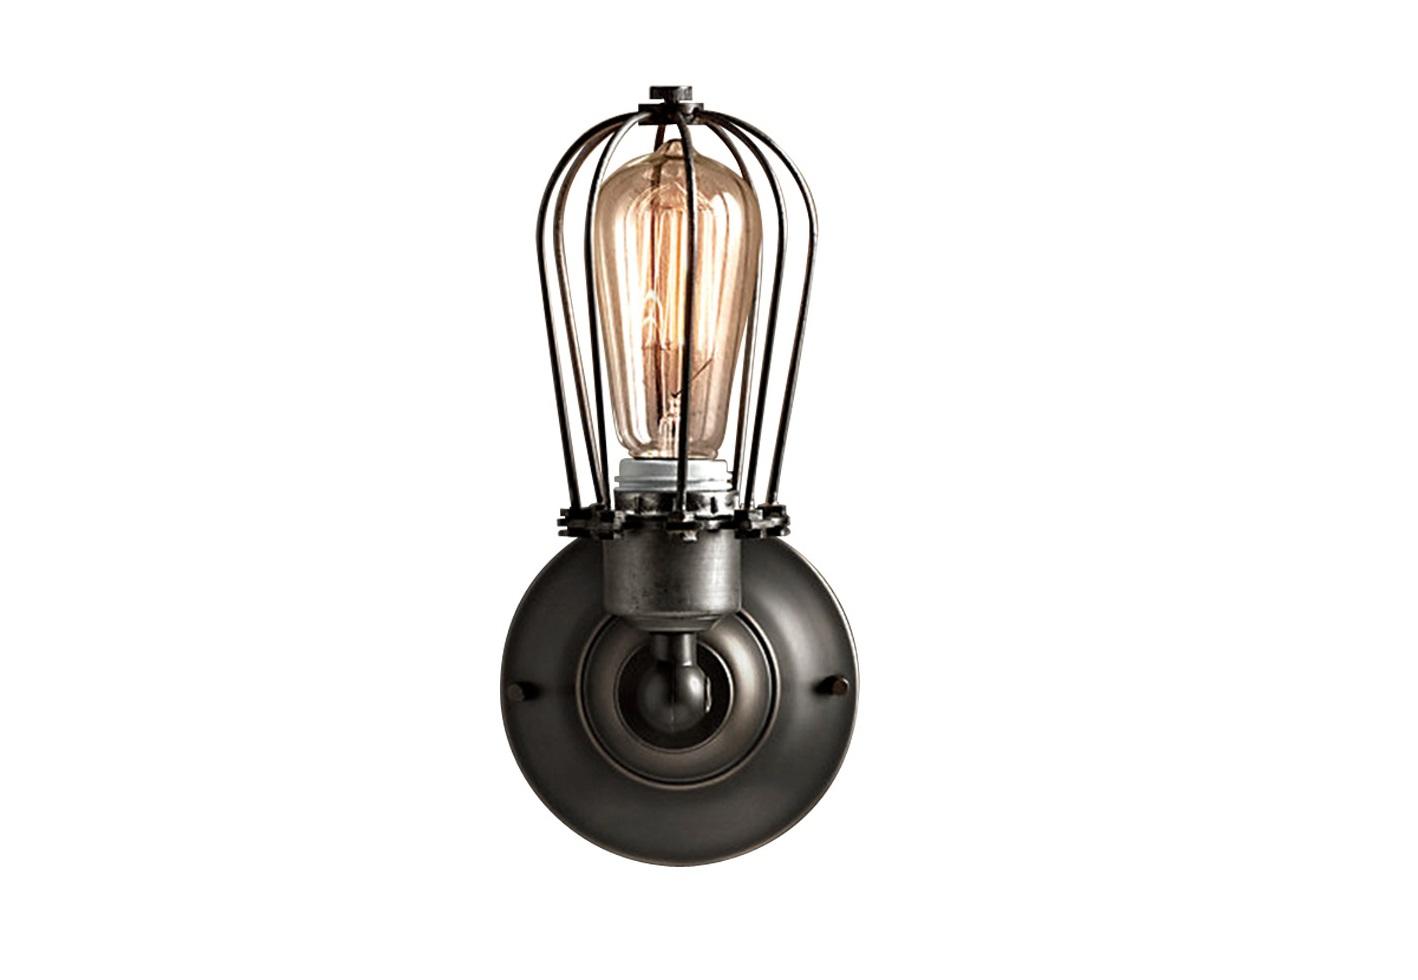 Бра Lionel SconceБра<br>&amp;quot;Lionel Sconce&amp;quot; ? оригинальный винтажный светильник, вдохновленный старинными фабричными лампами. В его образе брутальность сочетается с хрупкостью, рождая удивительно яркий и завораживающий тандем. Абажур из черного металла выглядит не только строго, но и изящно за счет тонких изогнутых прутьев. Кабинет, холл или гостиная в стиле лофт будут смотреться с таким бра очень гармонично.&amp;lt;div&amp;gt;&amp;lt;br&amp;gt;&amp;lt;/div&amp;gt;&amp;lt;div&amp;gt;Тип лампы: накаливания, E14&amp;lt;/div&amp;gt;&amp;lt;div&amp;gt;Мощность: 1 x 40 Вт&amp;lt;/div&amp;gt;&amp;lt;div&amp;gt;Количество лампочек: 1&amp;lt;/div&amp;gt;&amp;lt;div&amp;gt;Лампочка в комплект входит&amp;lt;/div&amp;gt;<br><br>Material: Металл<br>Ширина см: 13<br>Высота см: 26<br>Глубина см: 11